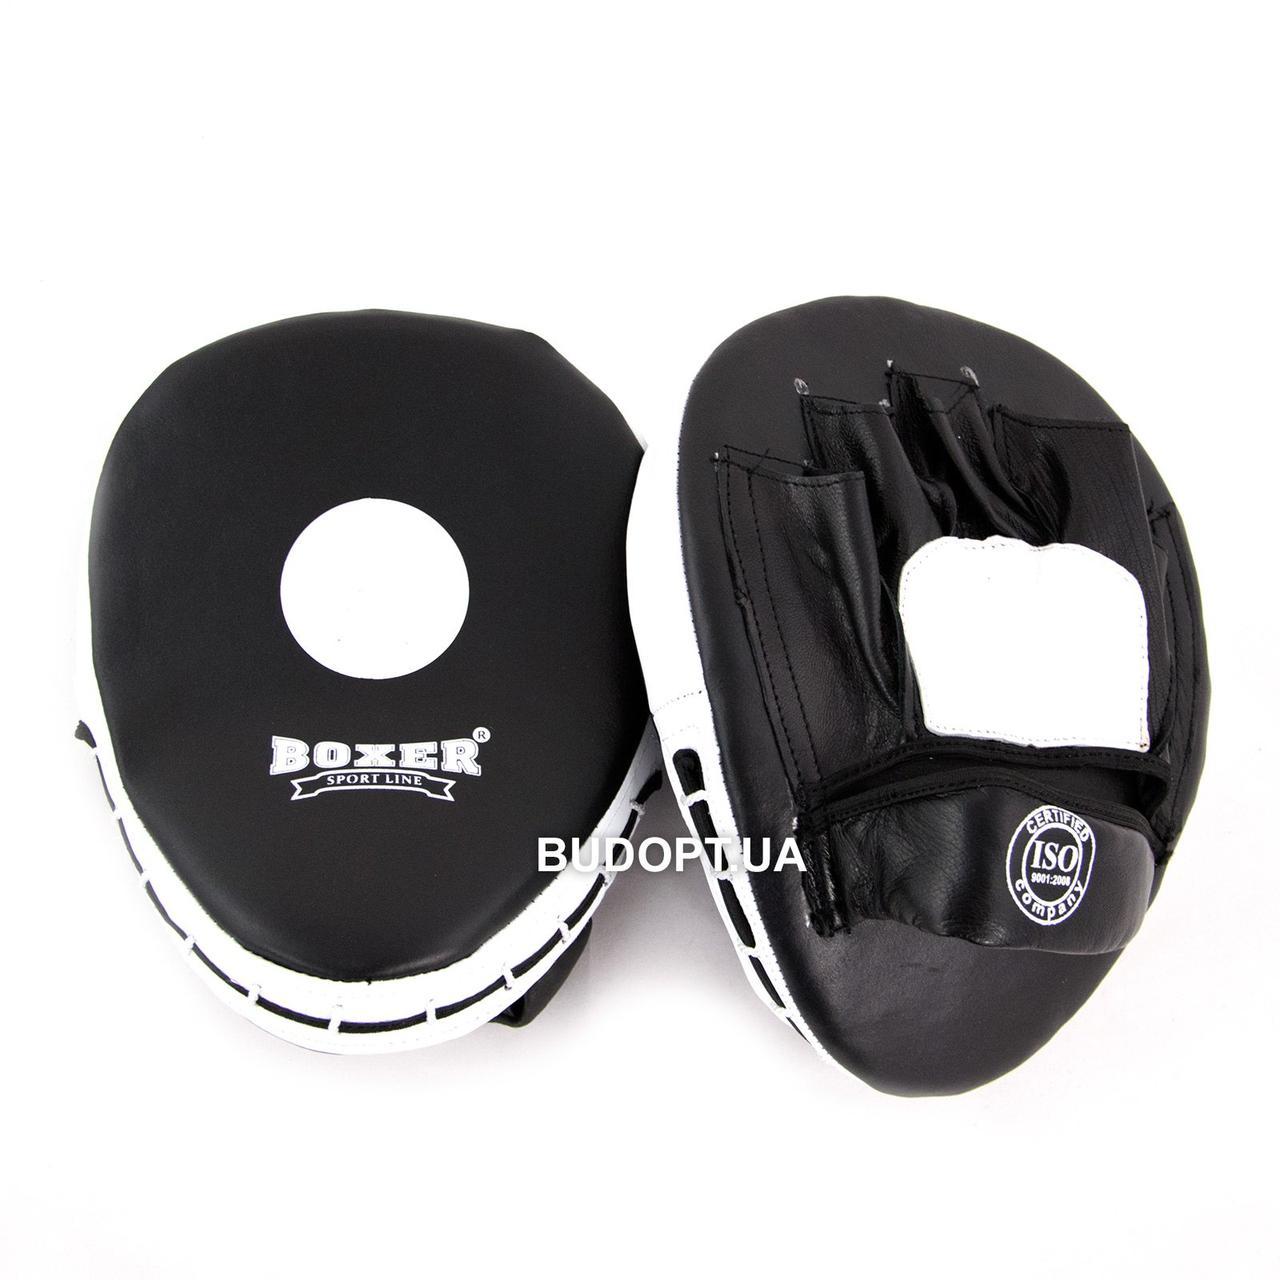 Лапы боксерские гнутые кожаные Boxer (bx-0024) - optom24.com.ua - оптовый интернет магазин в Одессе